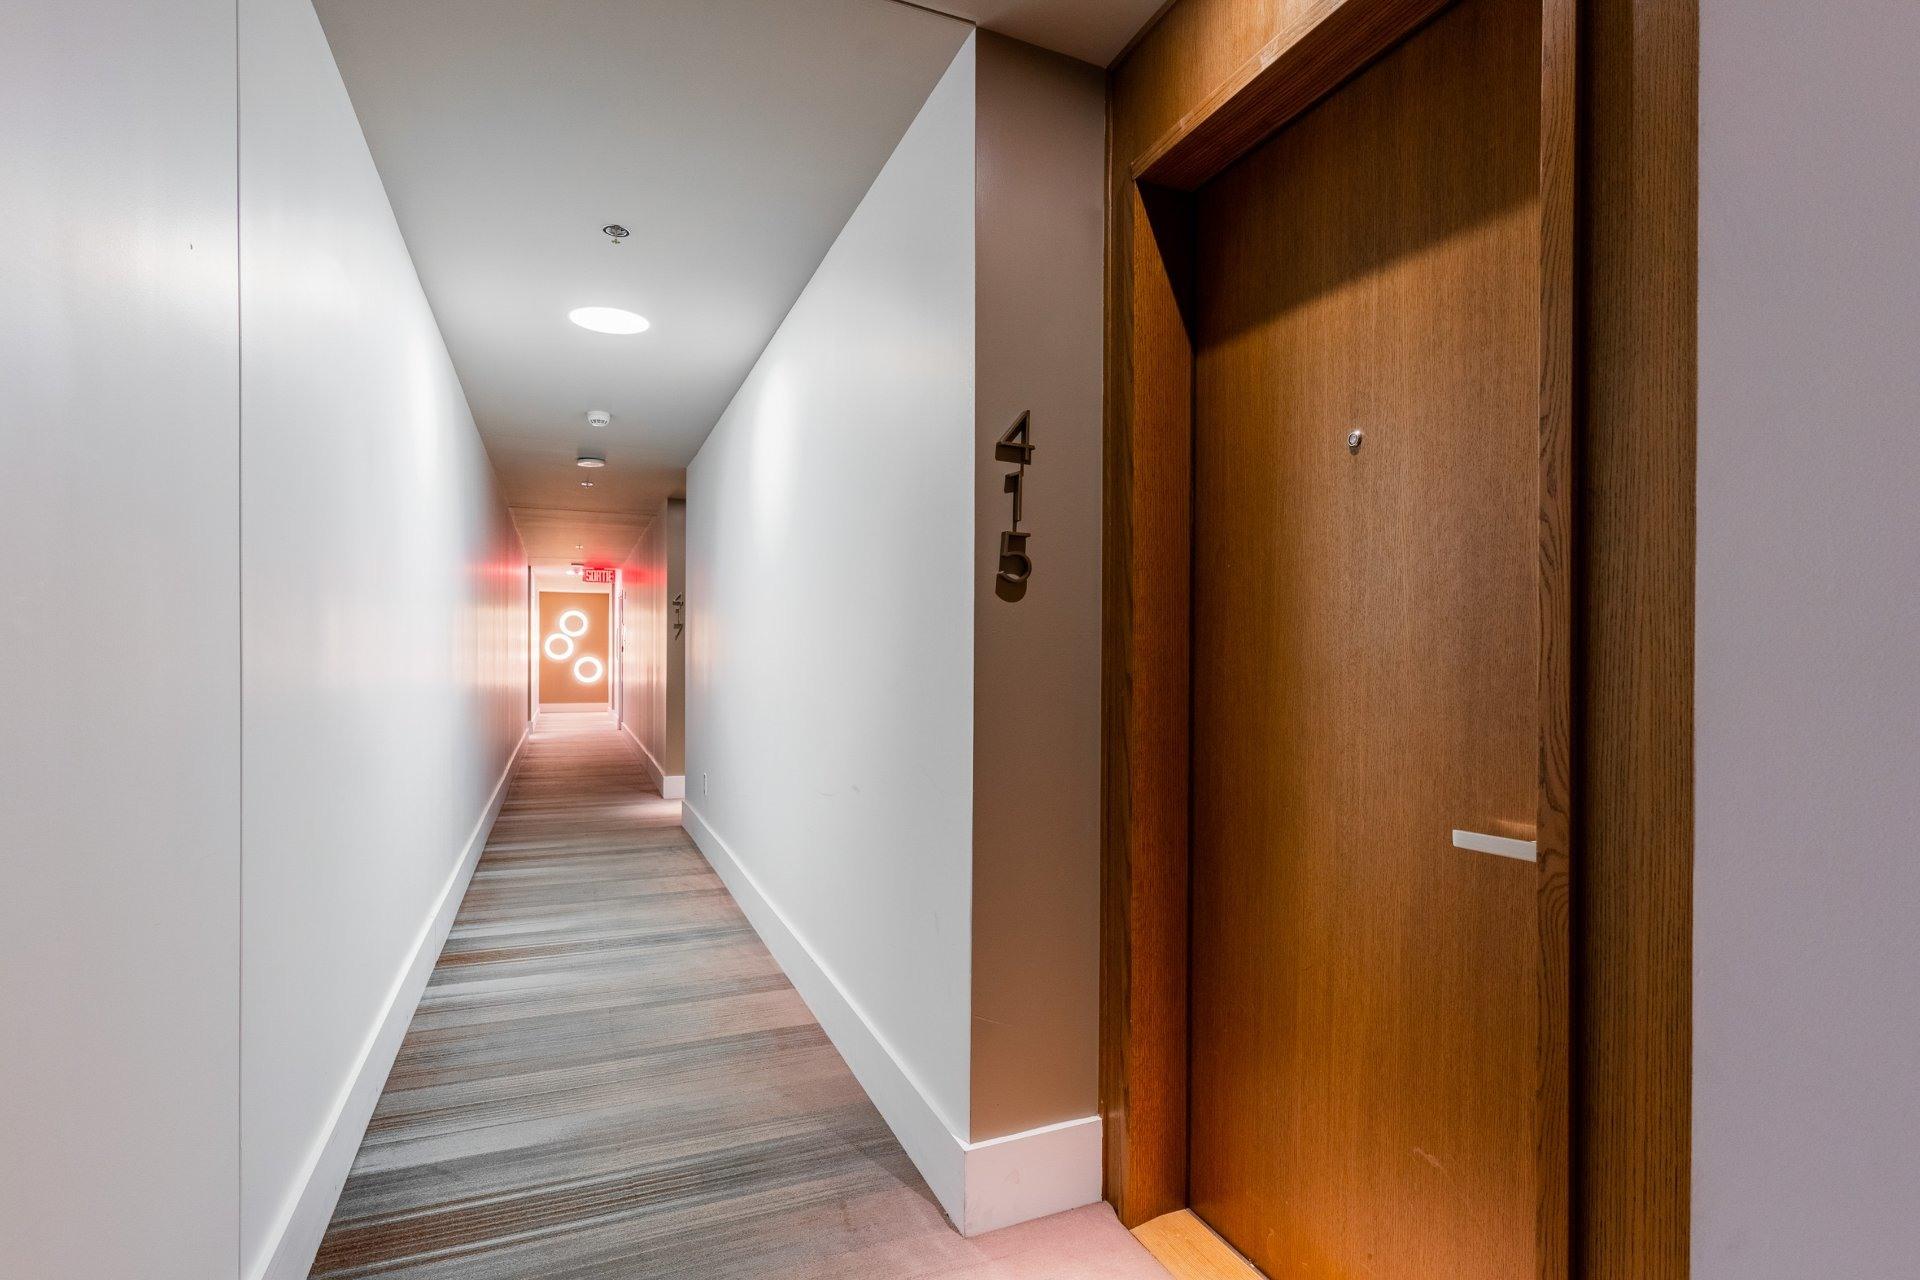 image 5 - Appartement À louer Le Sud-Ouest Montréal  - 3 pièces